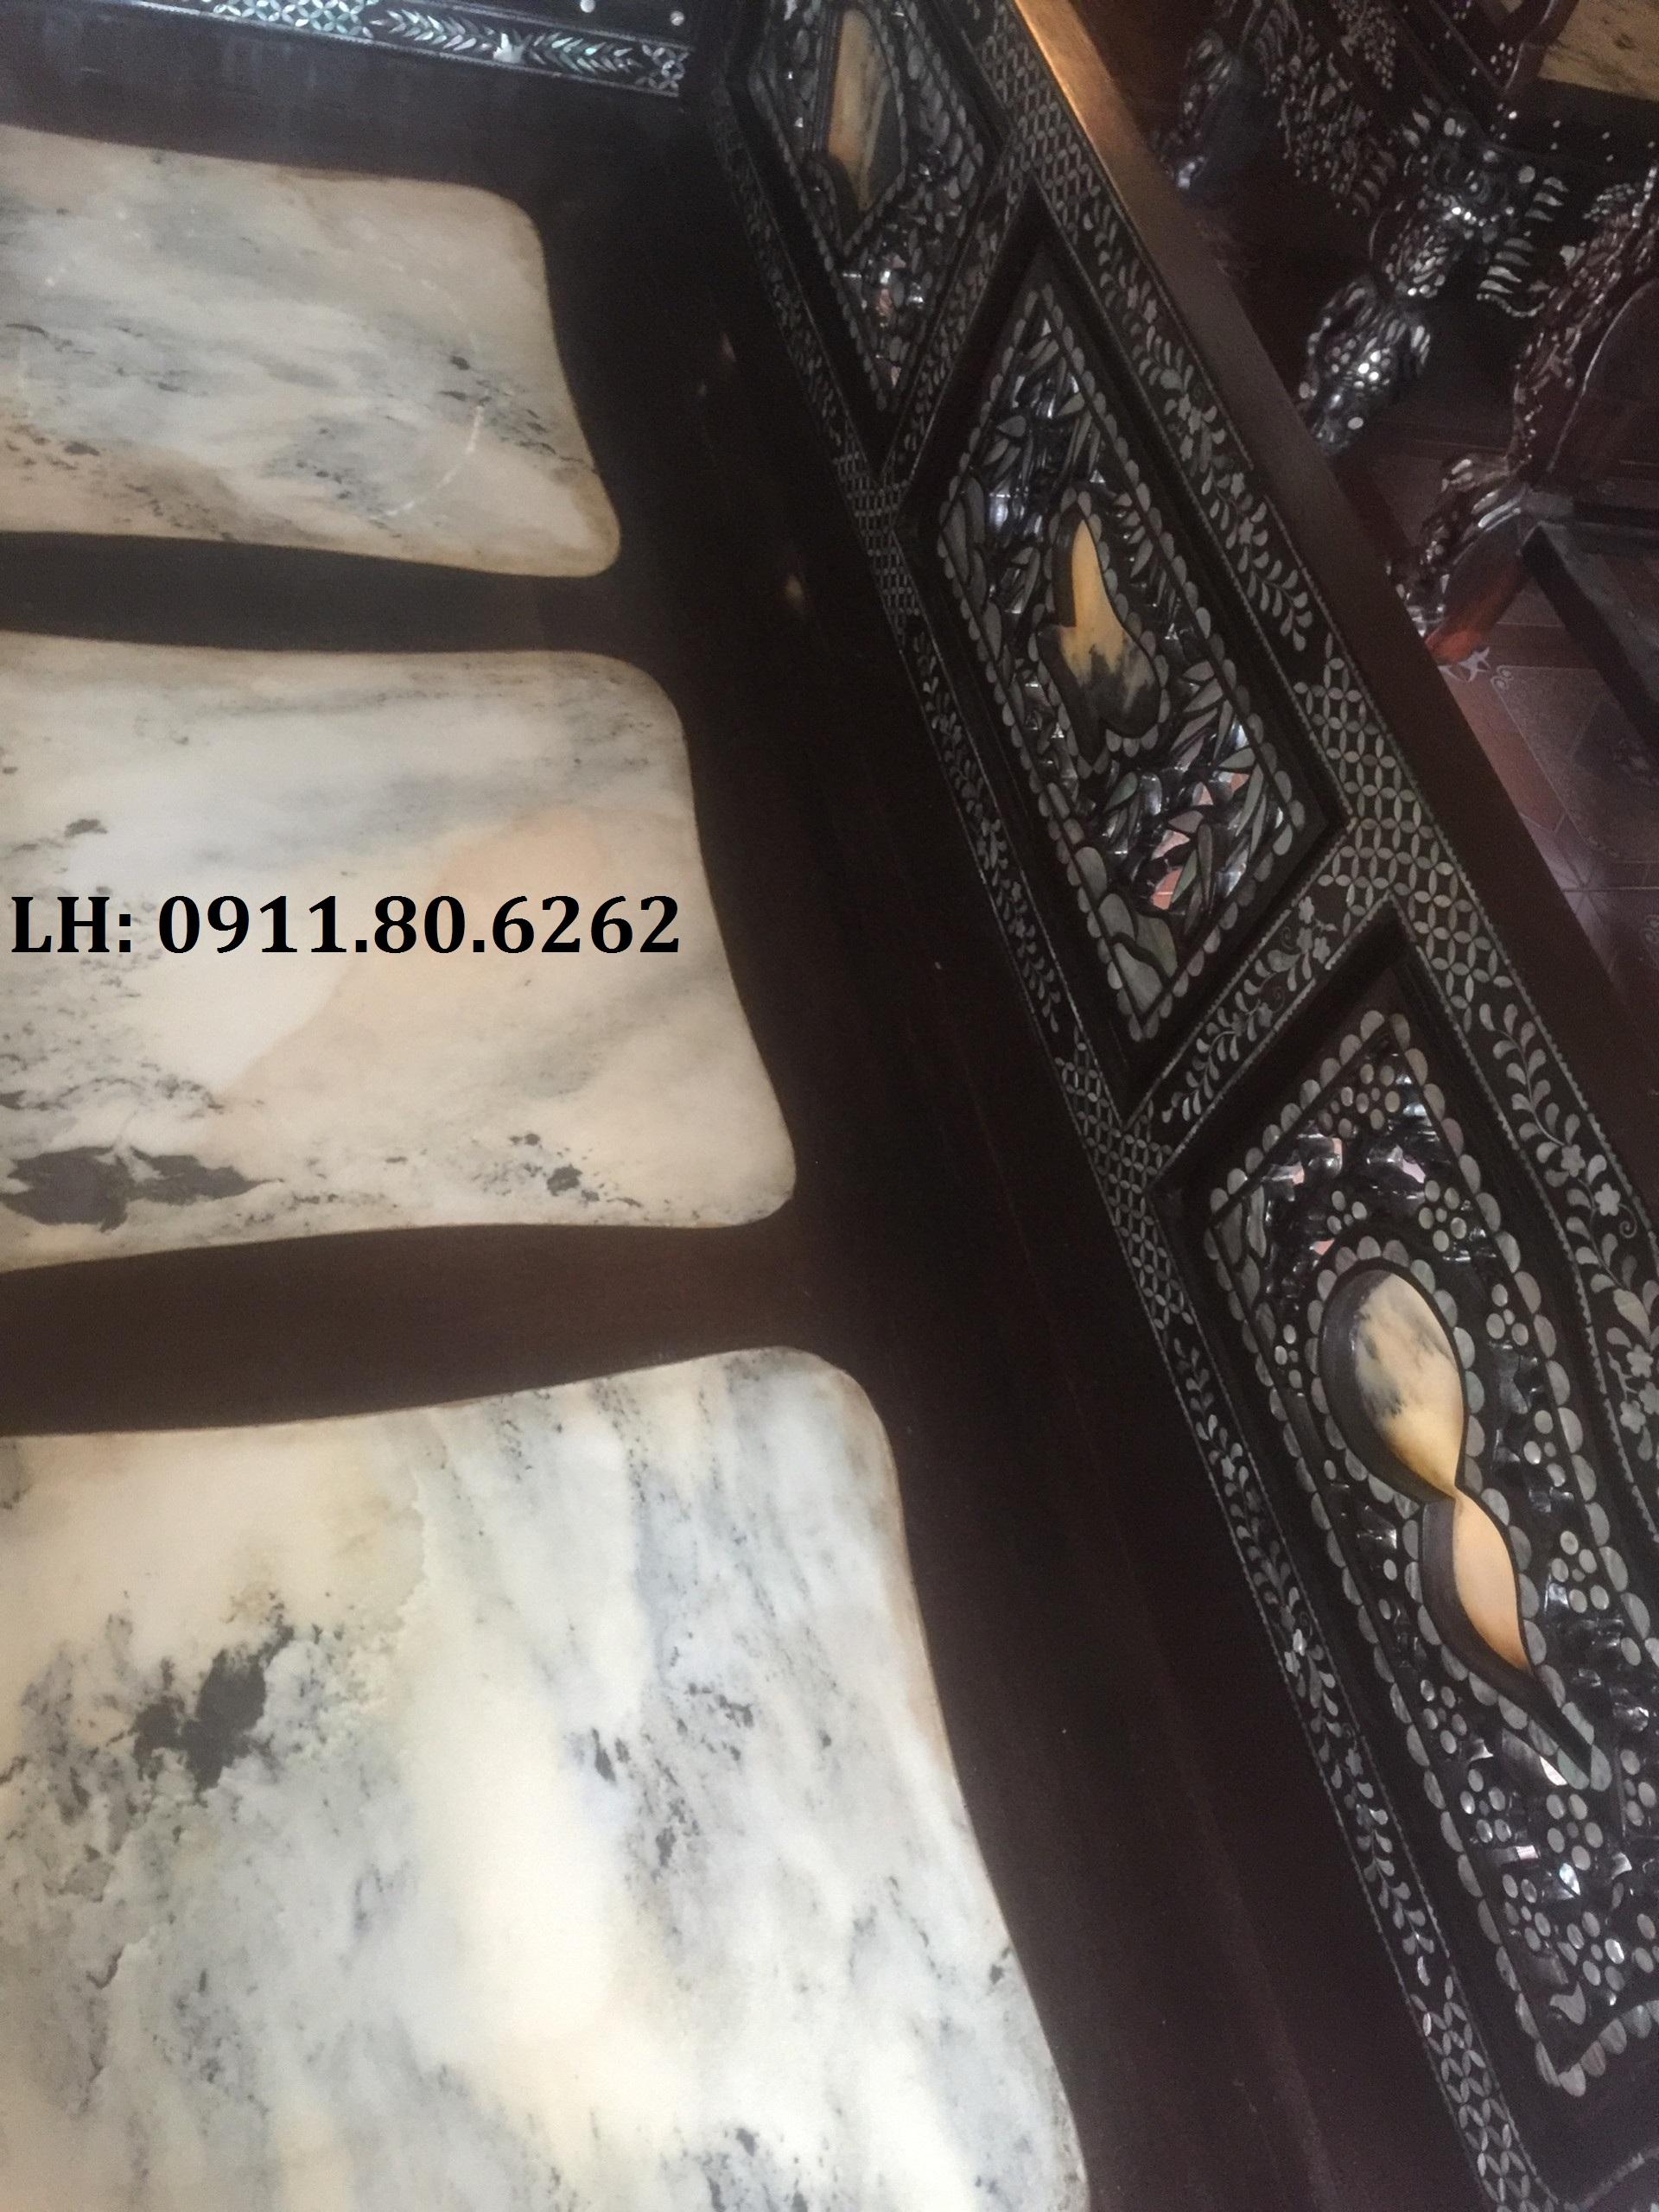 z973844745050 bcb5cc2a4862ddd8fa7e3959daa0a138 - Giường Ba Thành Khảm ốc MS: 02